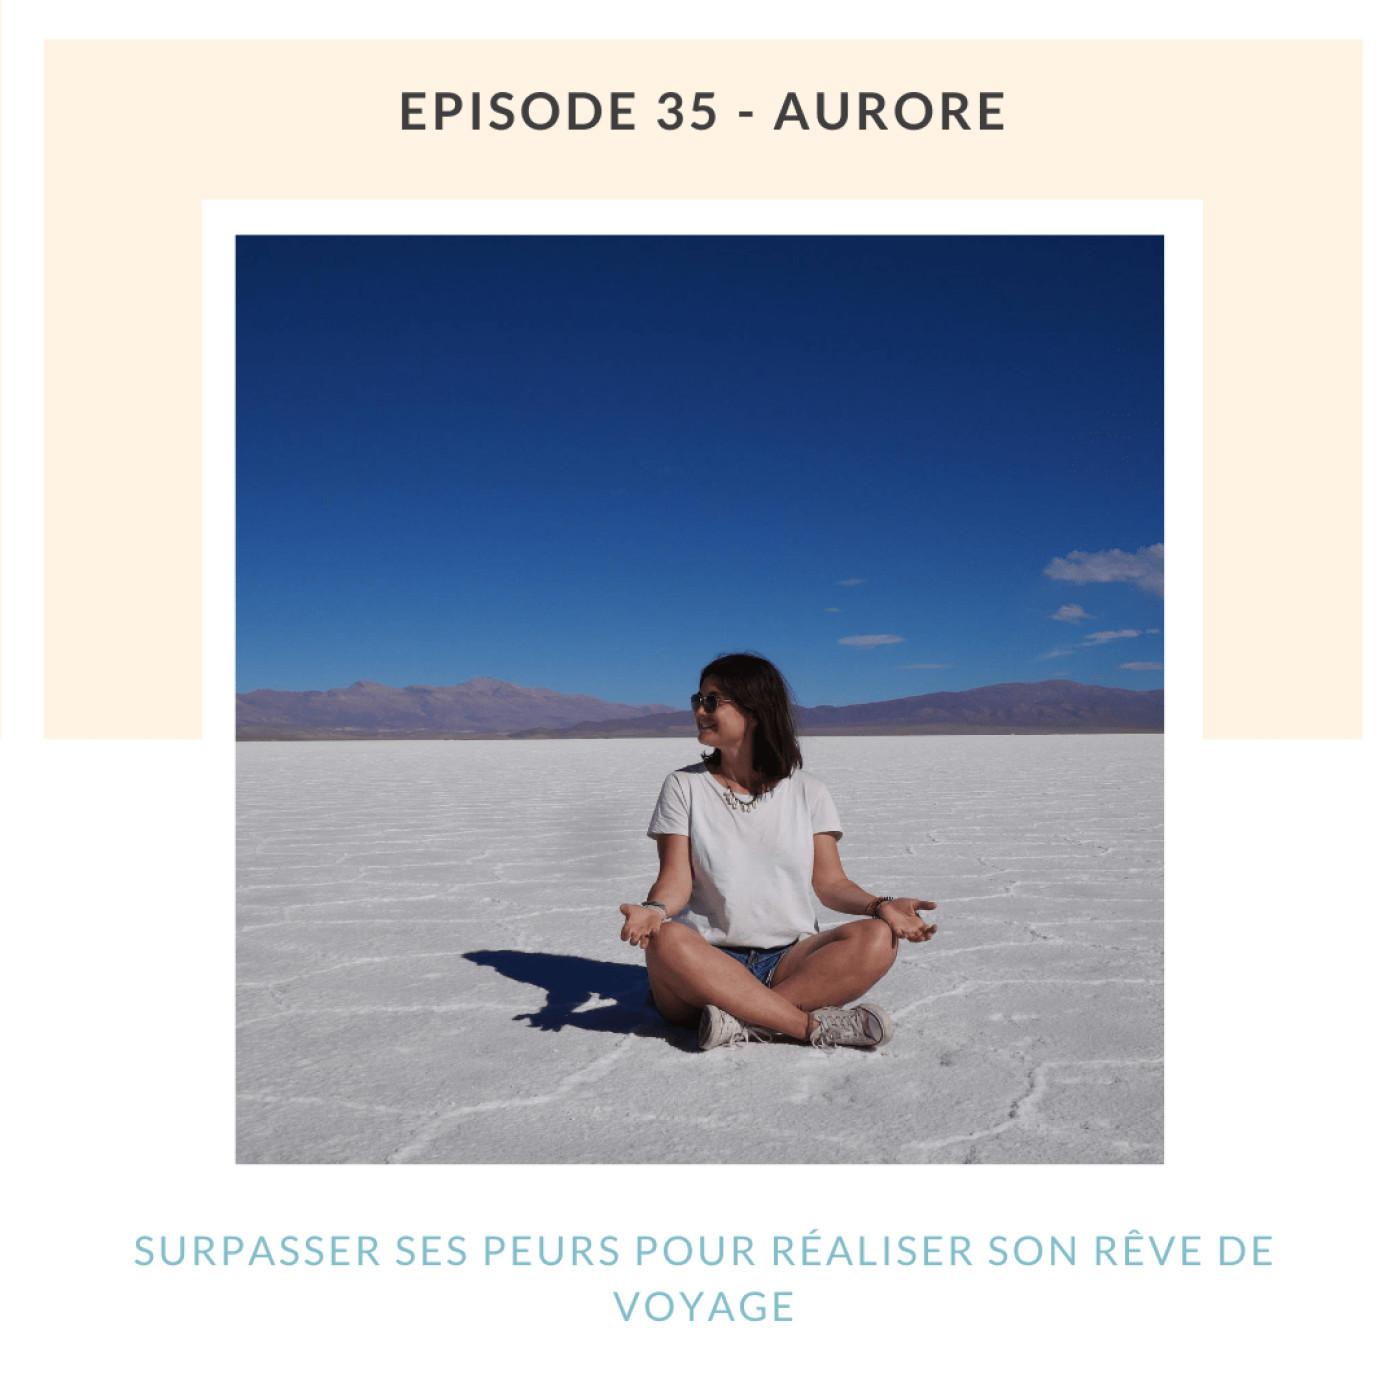 Aurore | Surpasser ses peurs pour réaliser son rêve de voyage ✨